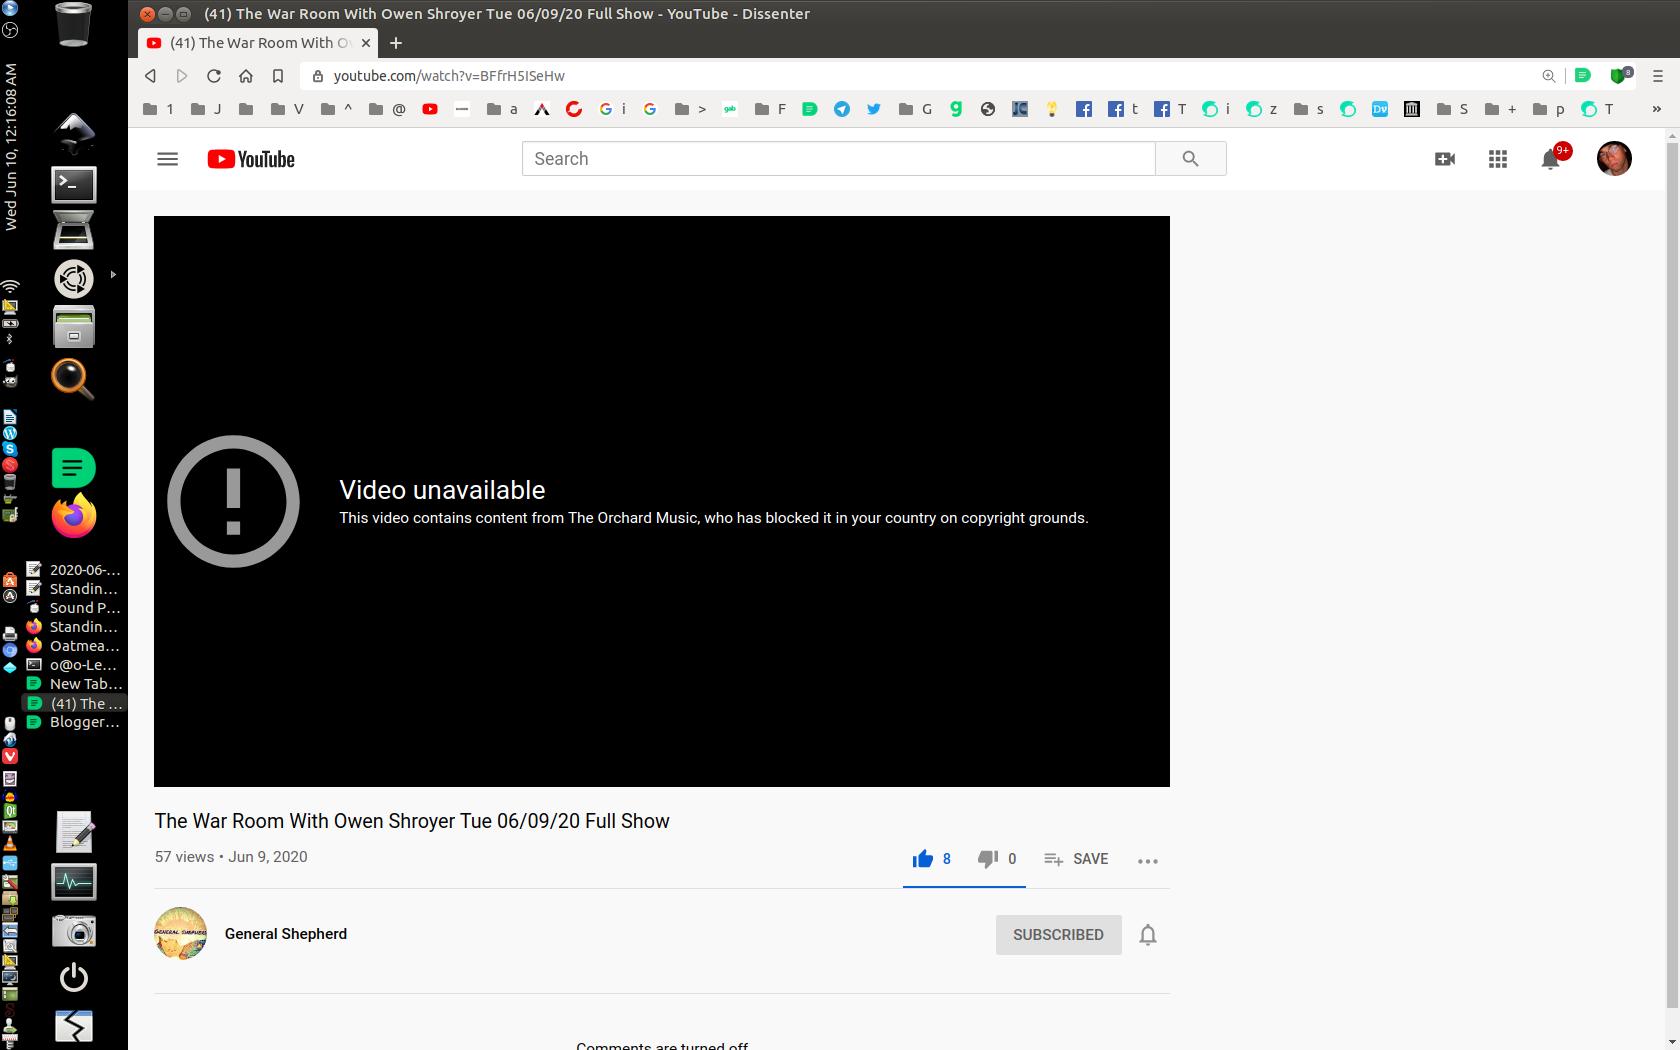 YOUTUBE CENSORSHIP Screenshot at 2020-06-10 00:16:08.png